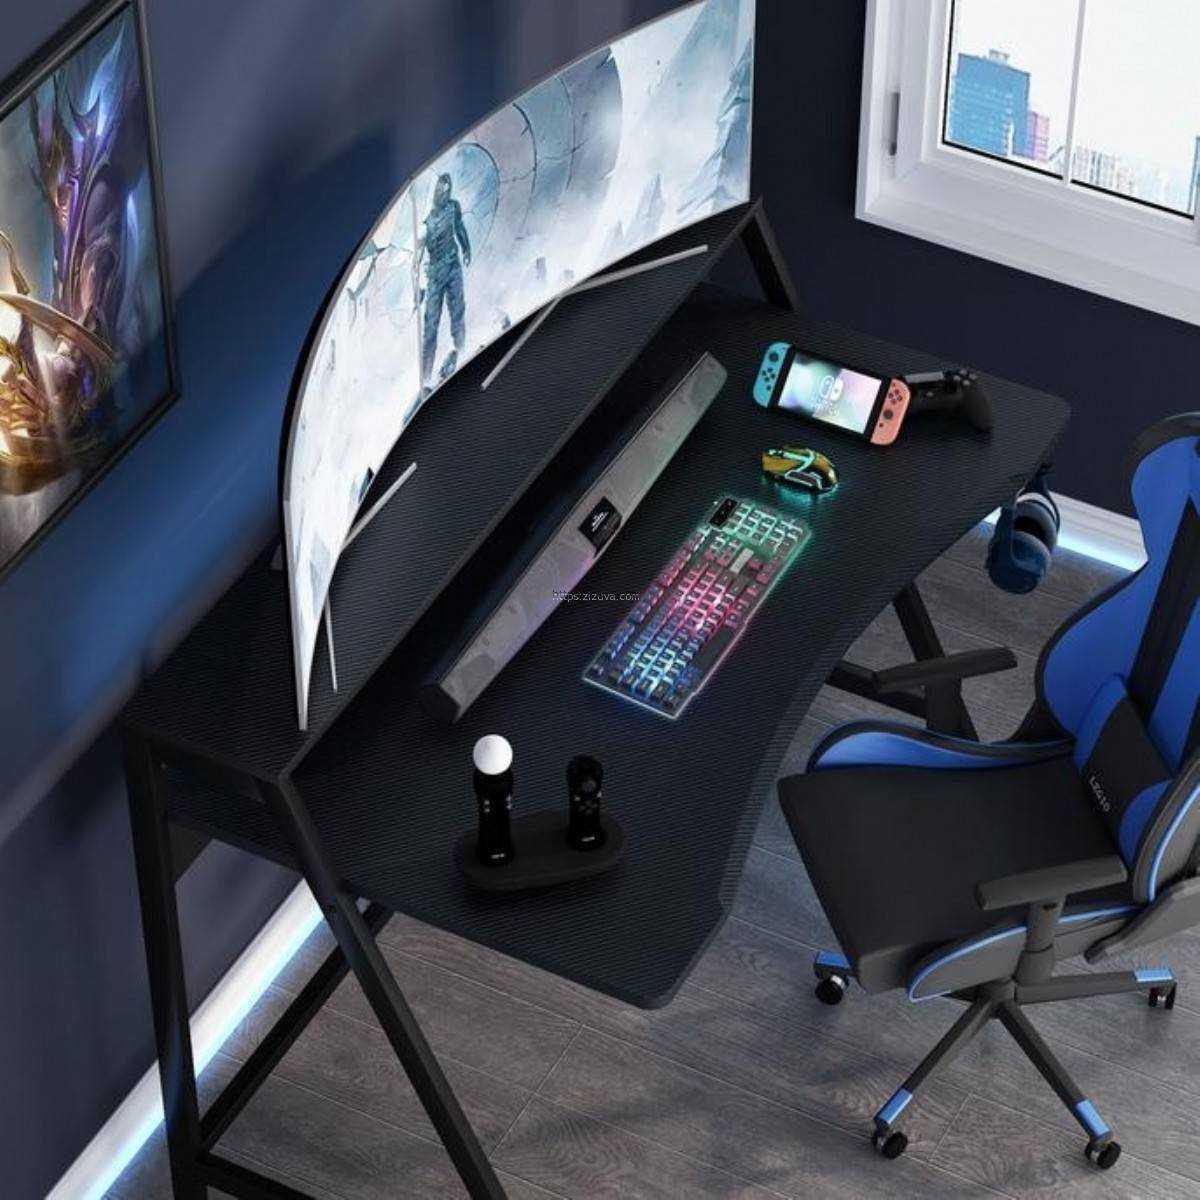 Zizuva Tasarımlı Ev Ofis Bilgisayar Oyuncu Gaming Monitör Metal Çalışma Masası